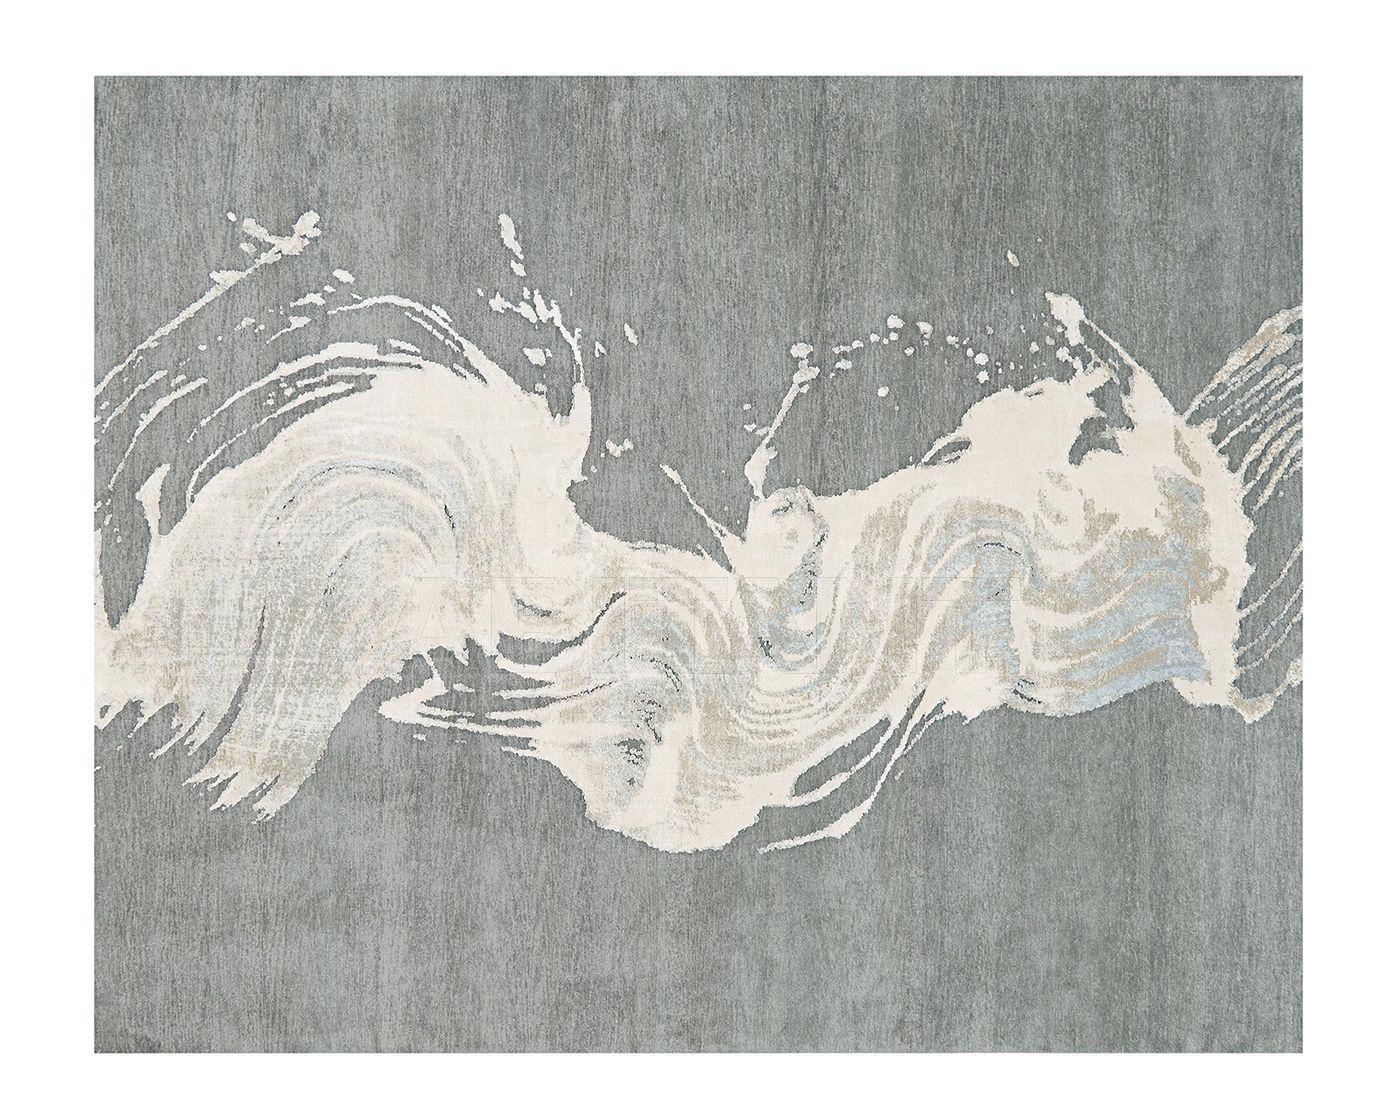 Купить Ковер современный L'ARTISTE Christopher Guy 2019 47-0034-A-Chic Grey